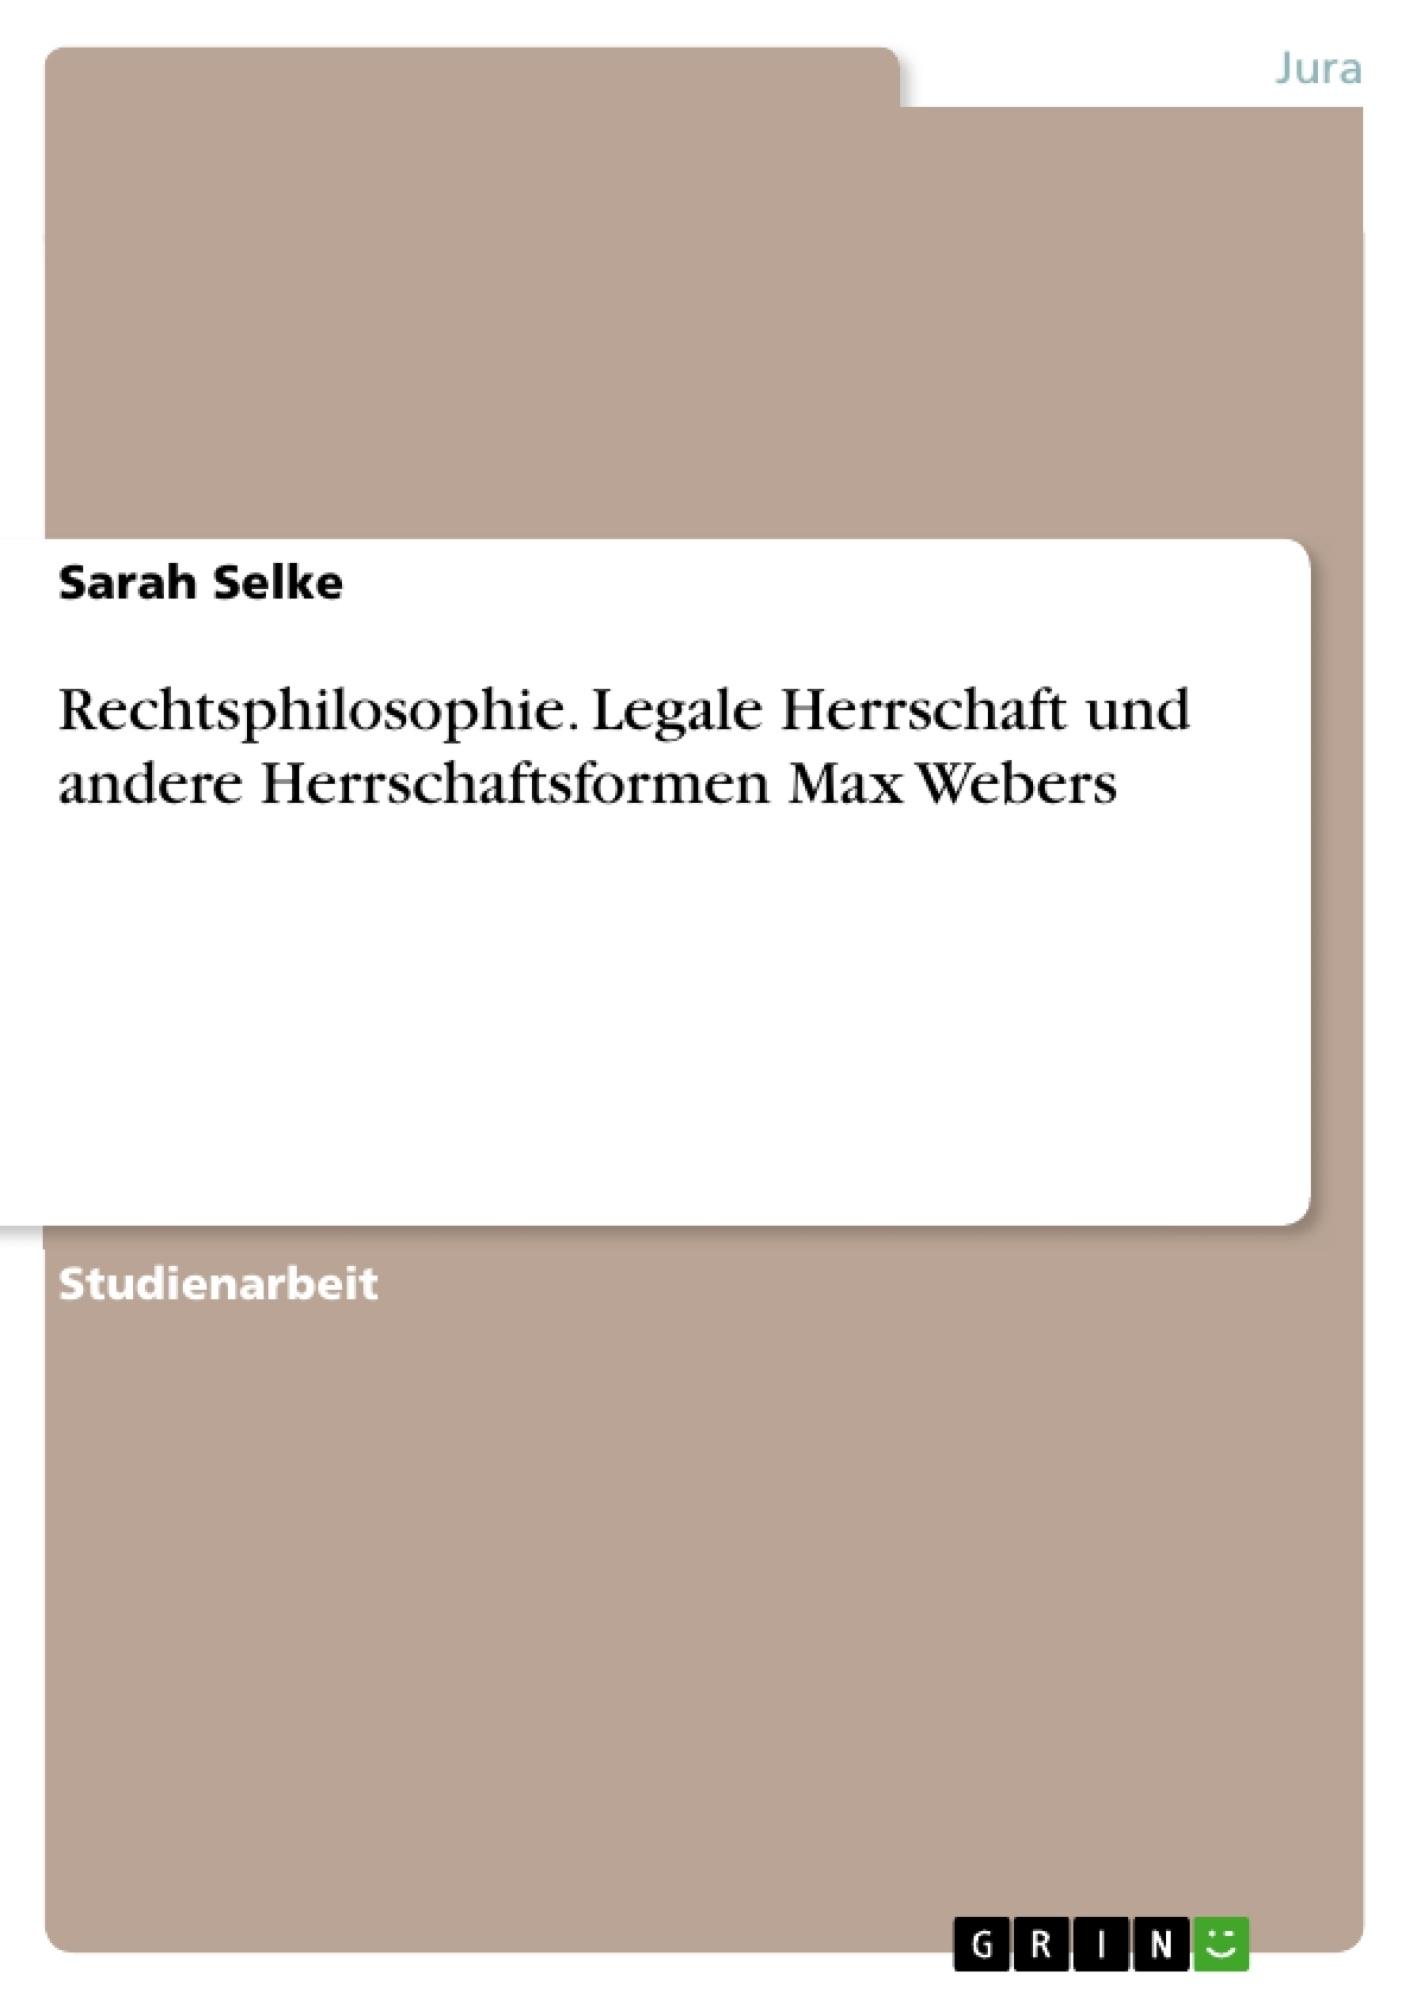 Titel: Rechtsphilosophie. Legale Herrschaft und andere Herrschaftsformen Max Webers